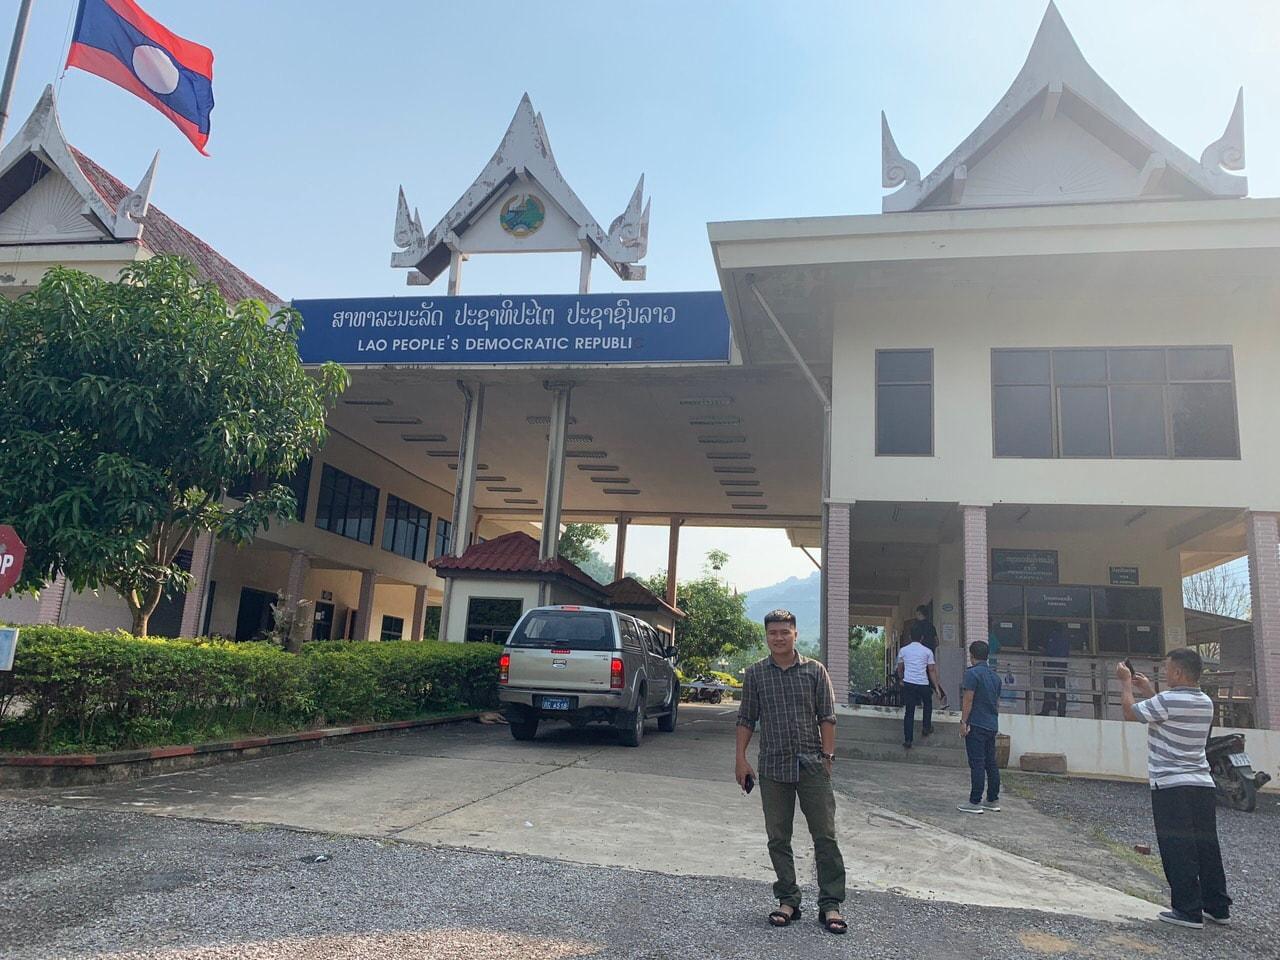 Giới thiệu về nhà khách Sầm Nưa - Lào